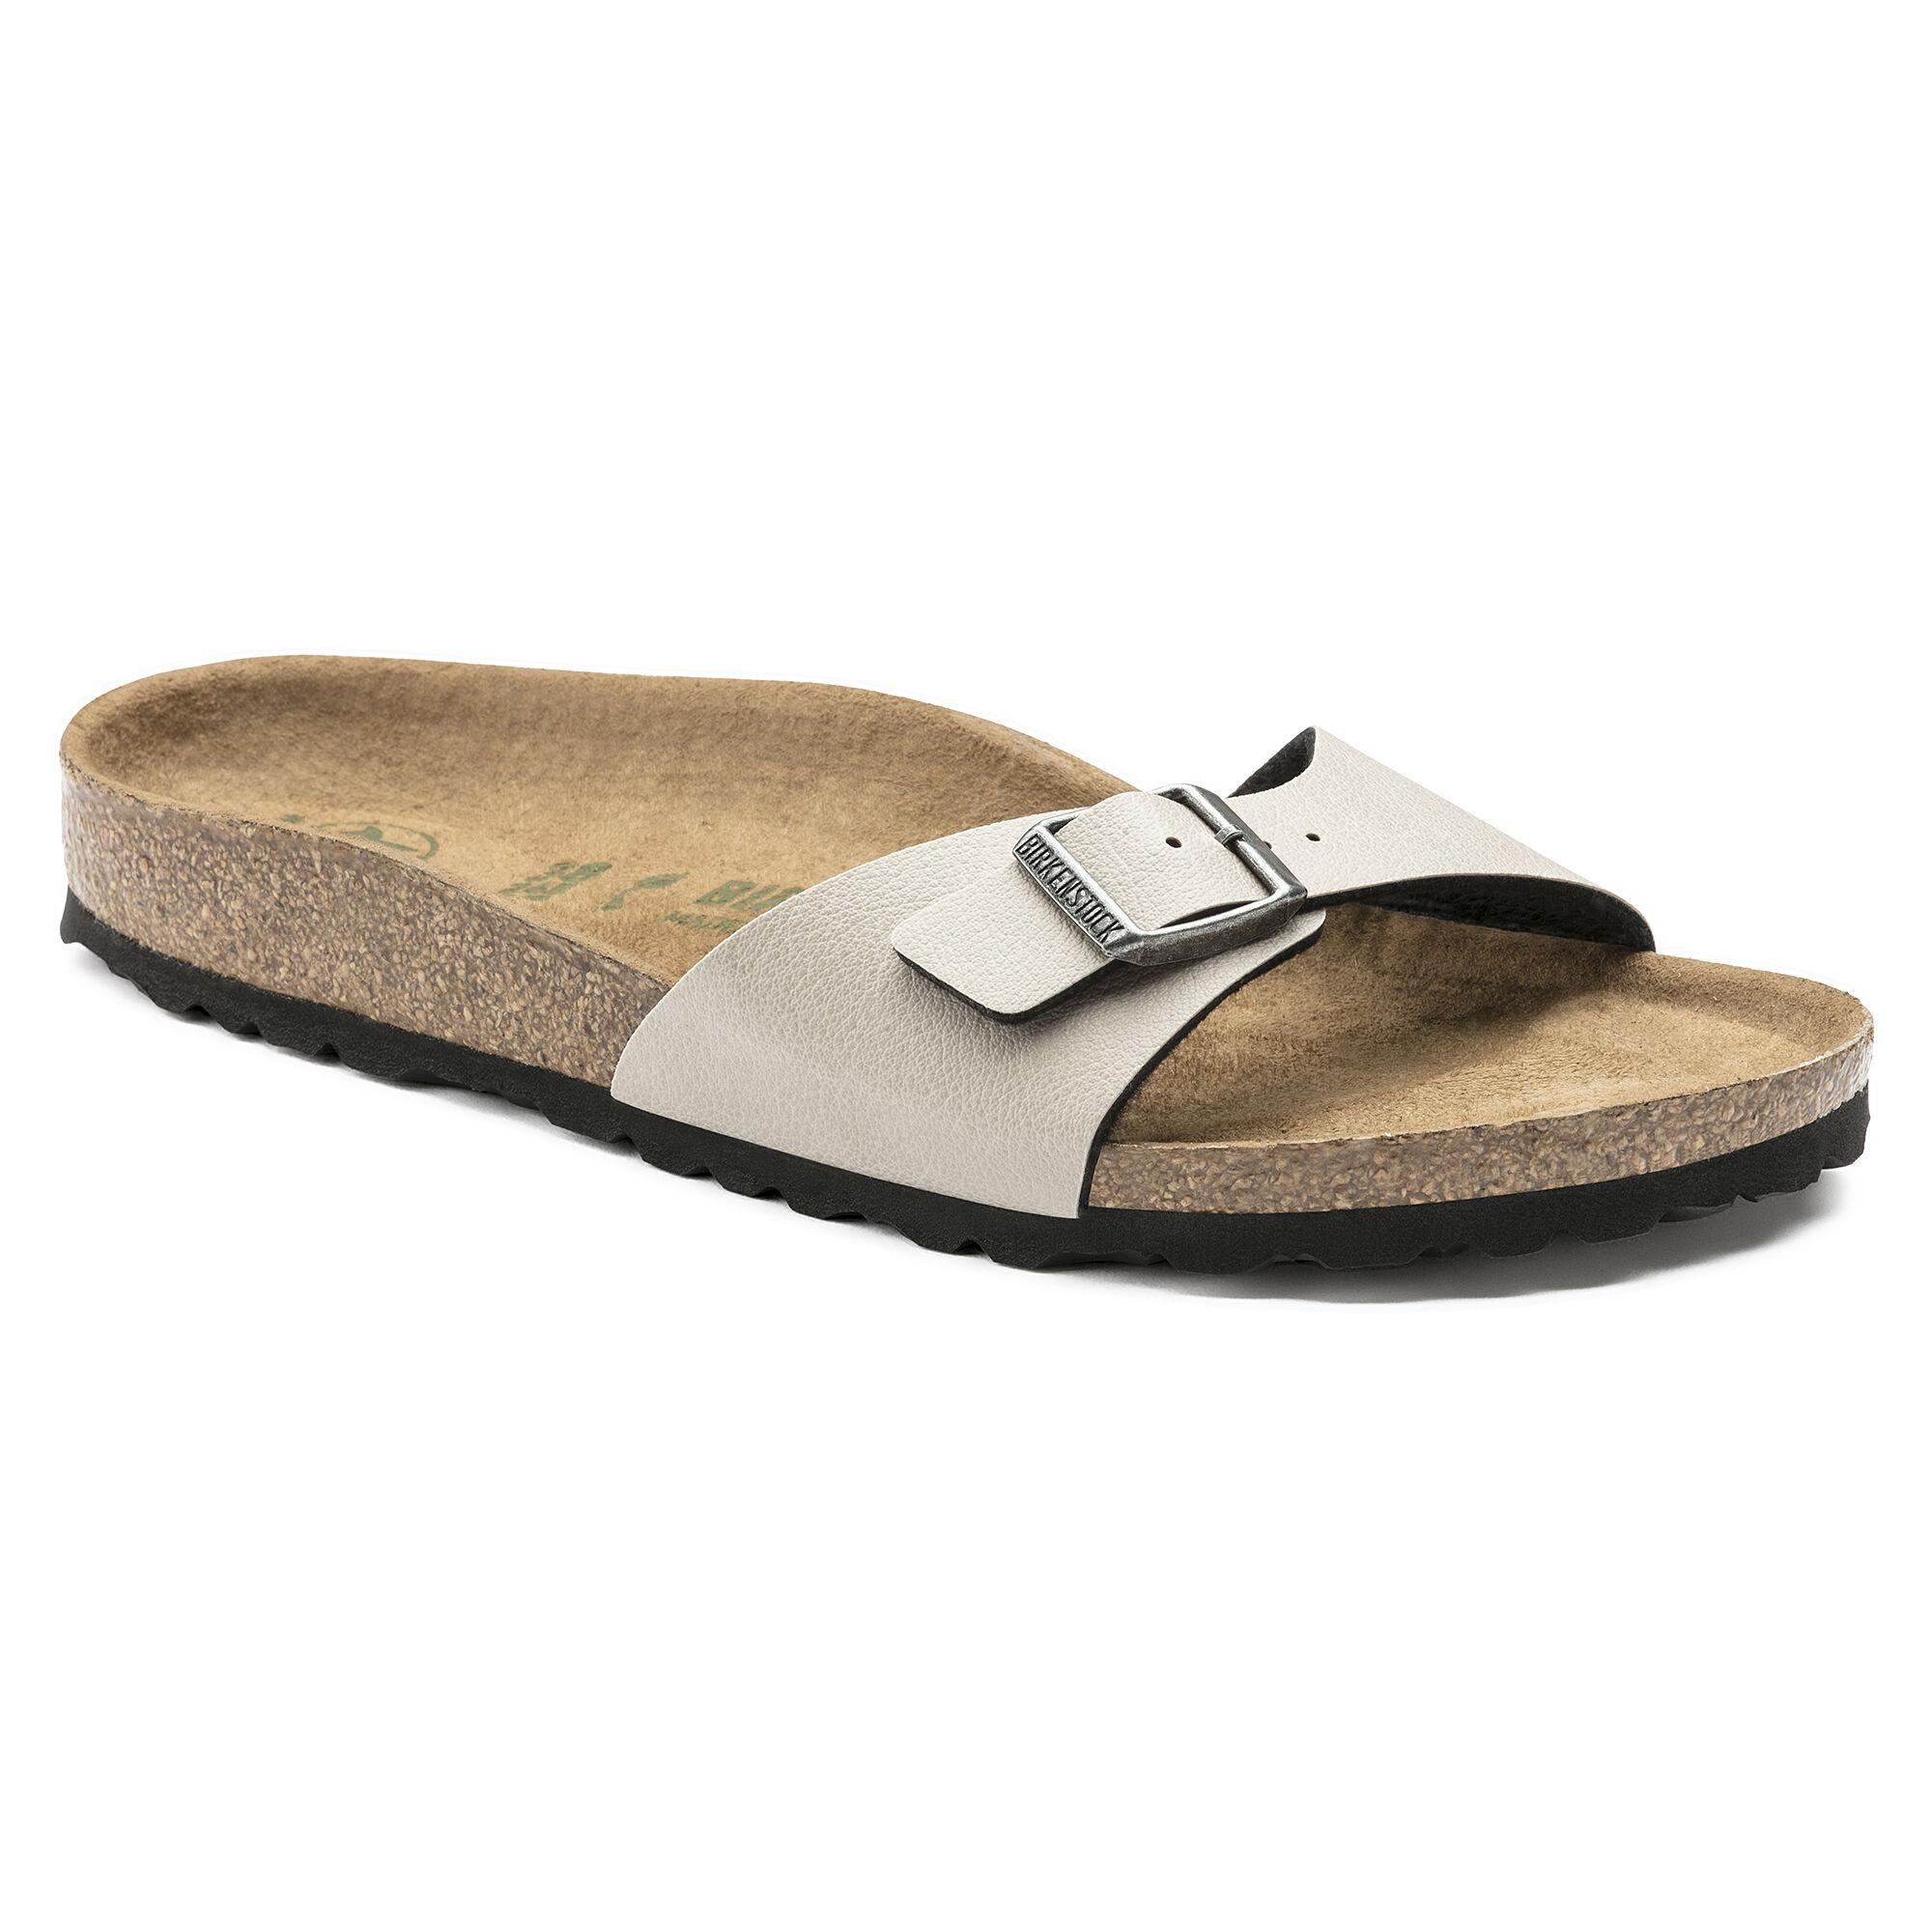 Details zu Birkenstock Madrid Birko Flor Schuhe Damen Sandalen Vegan Pantoletten Hausschuhe